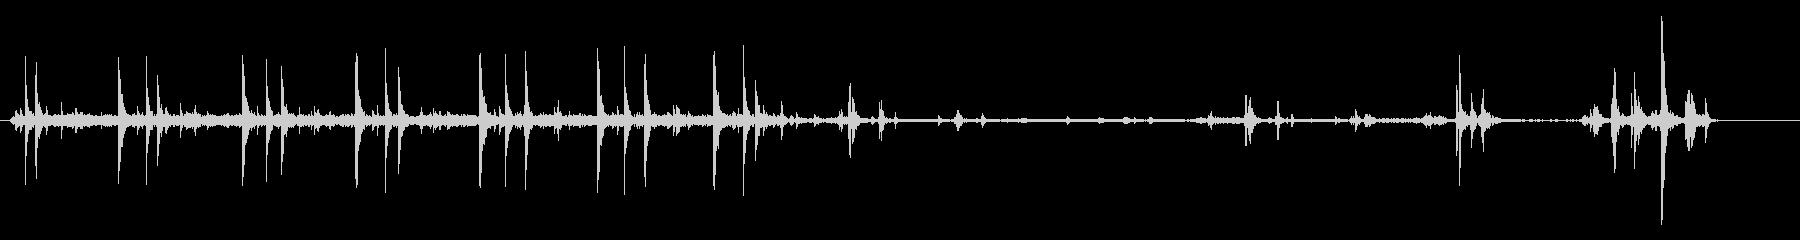 【生録音】家庭用プリンター02起動音の未再生の波形